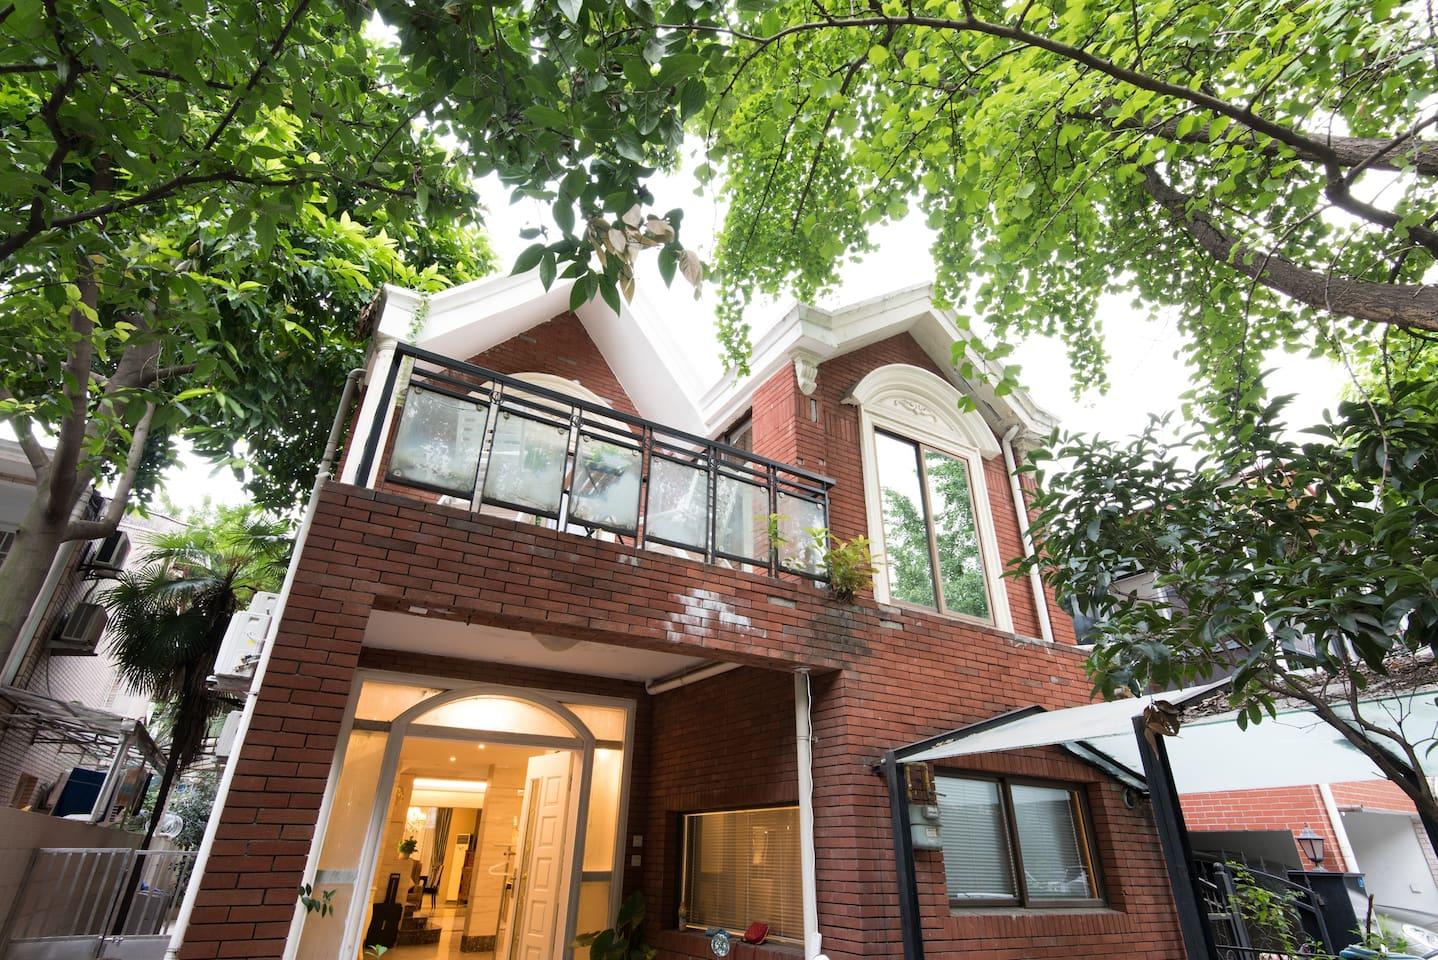 别墅初览:位于城市中心的私家别墅,漂亮的外观。